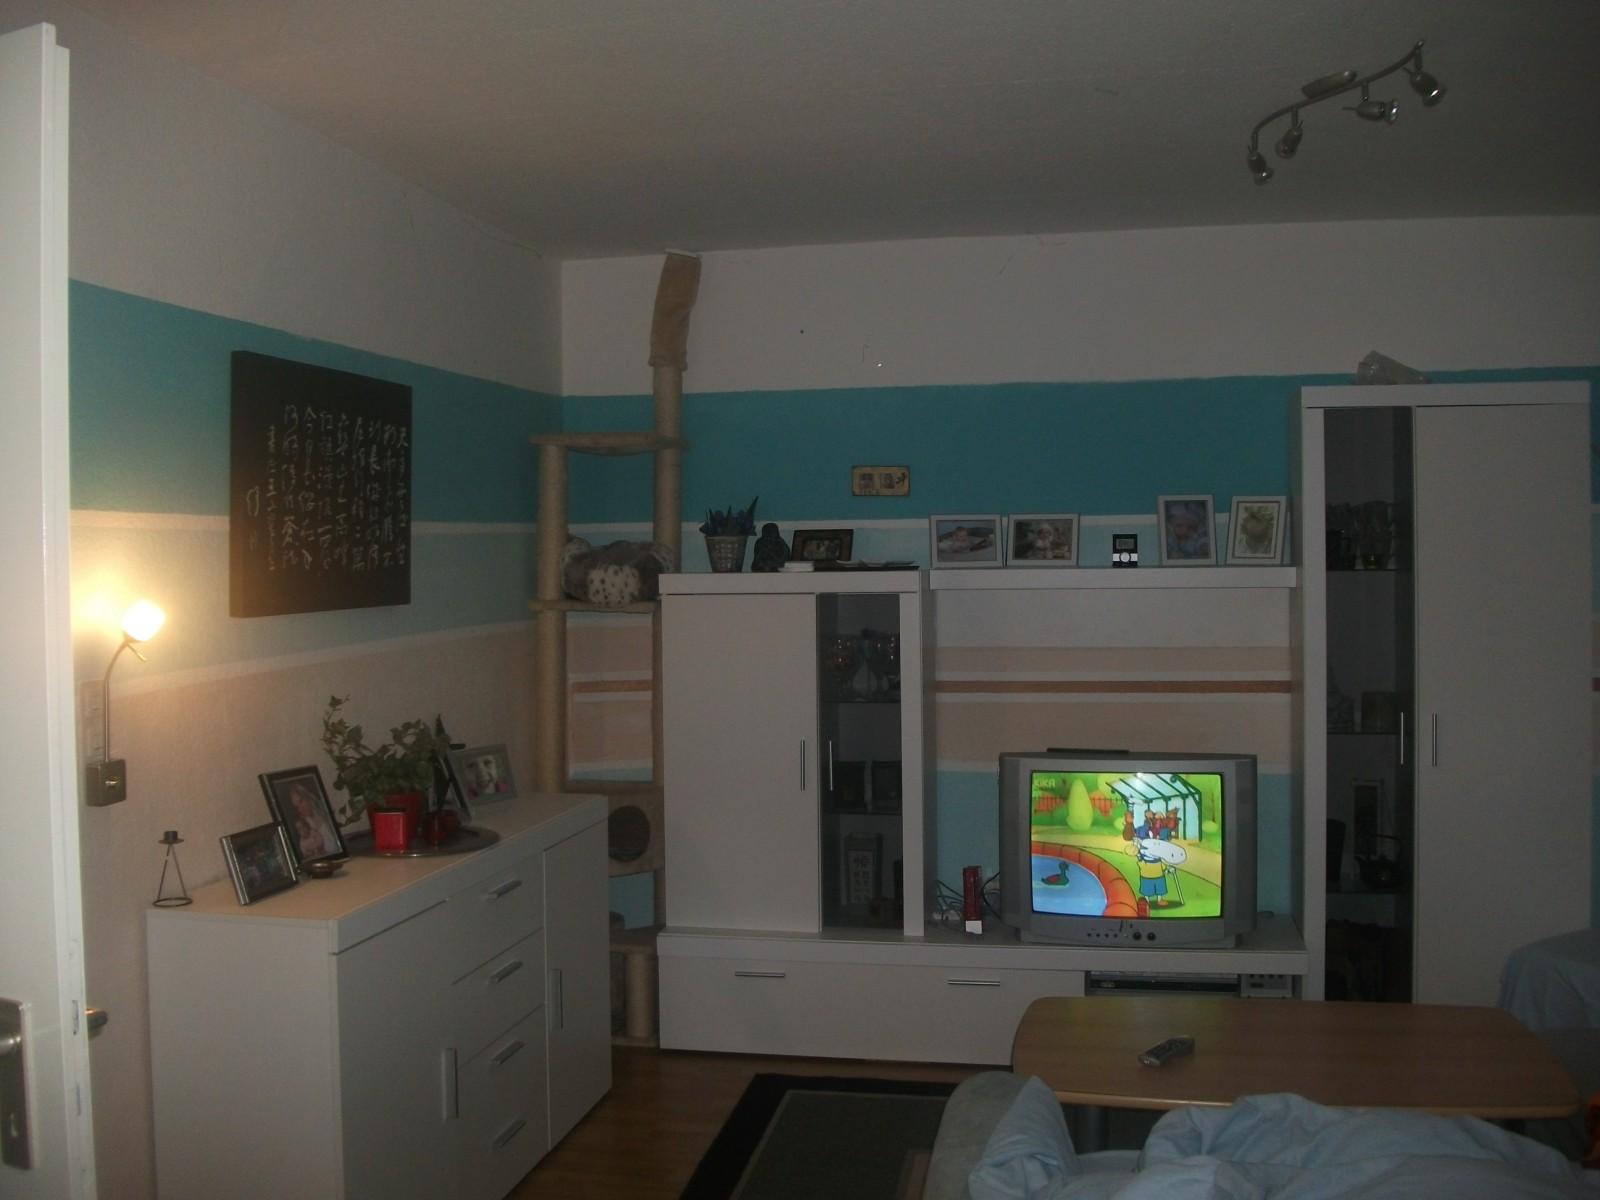 wohnzimmer 39 neues wohnzimmer 39 alte wohnung zimmerschau. Black Bedroom Furniture Sets. Home Design Ideas